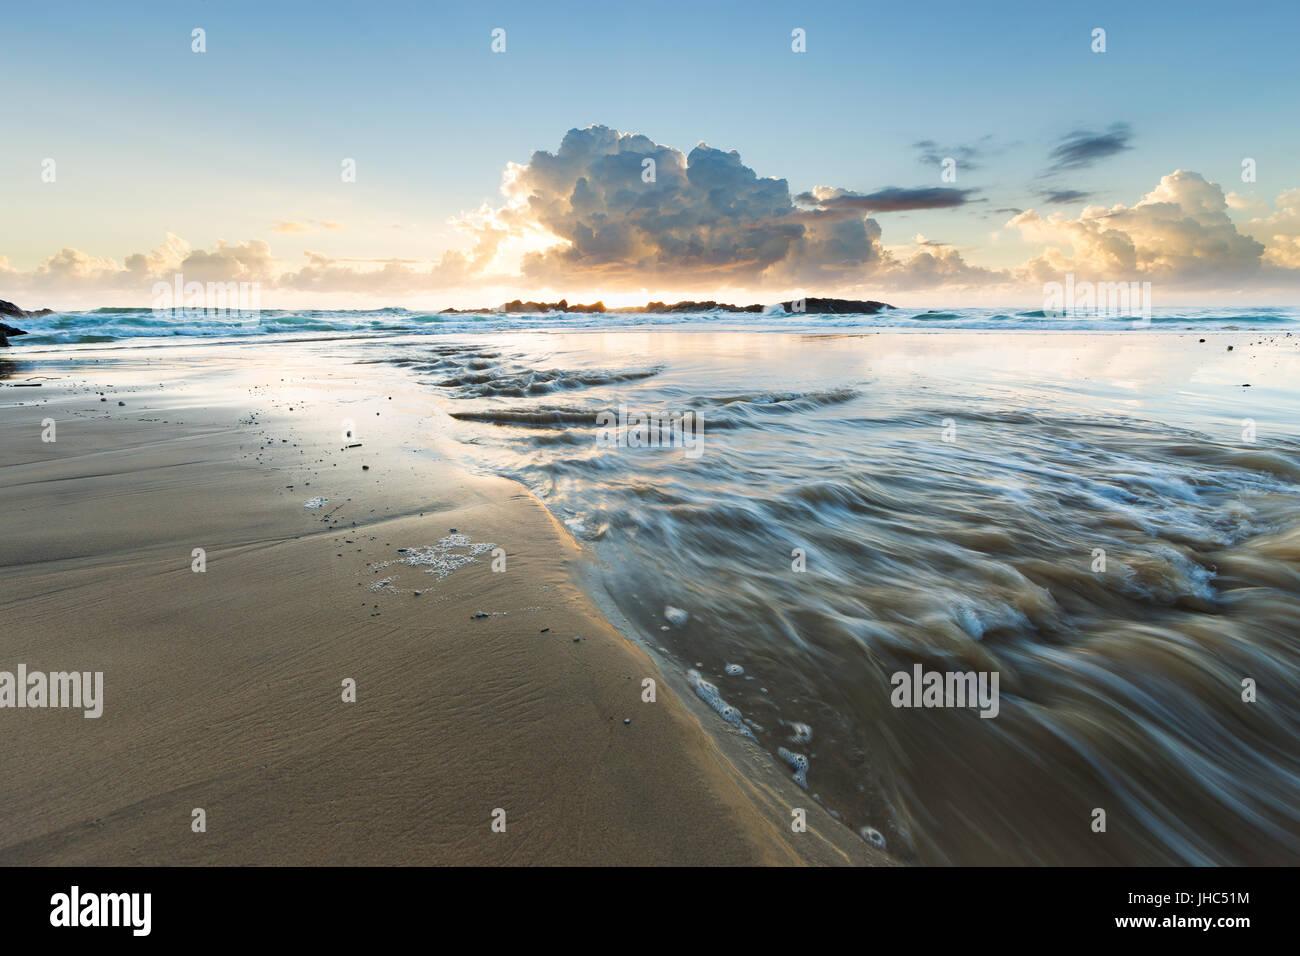 Un nuovo flusso di acqua fluisce nel mare su una bella spiaggia vuota in Australia come nuvole temporalesche sono Immagini Stock